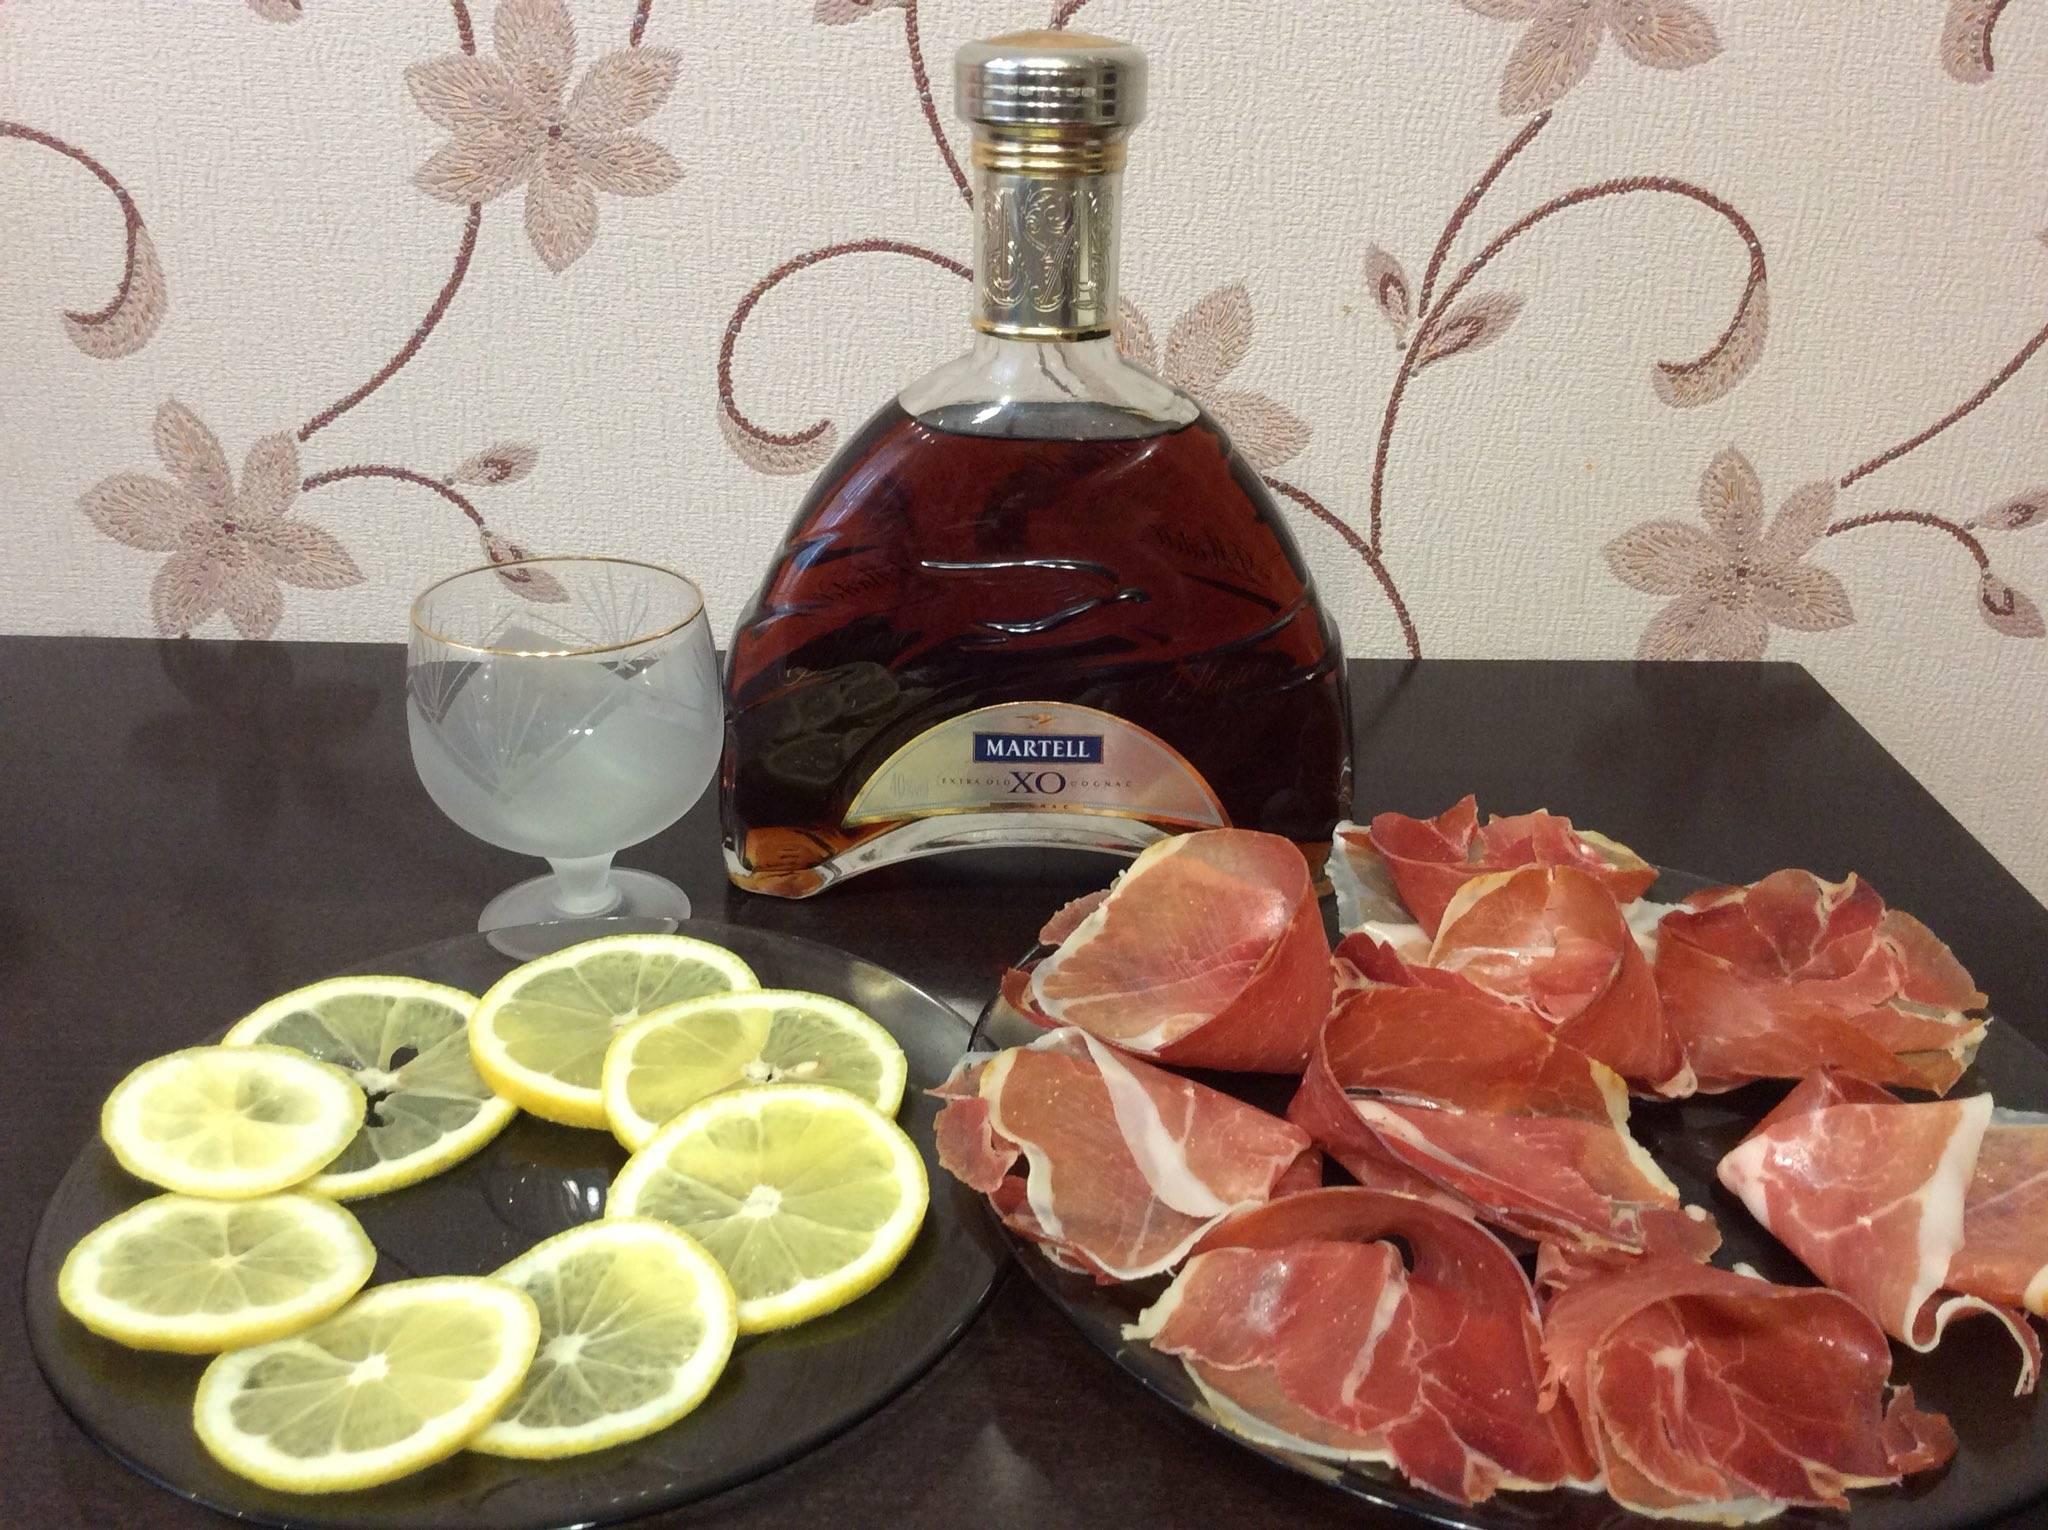 Коньяк с лимоном: почему так закусывают, можно или нельзя так пить, лечебные рецепты с фото   mosspravki.ru